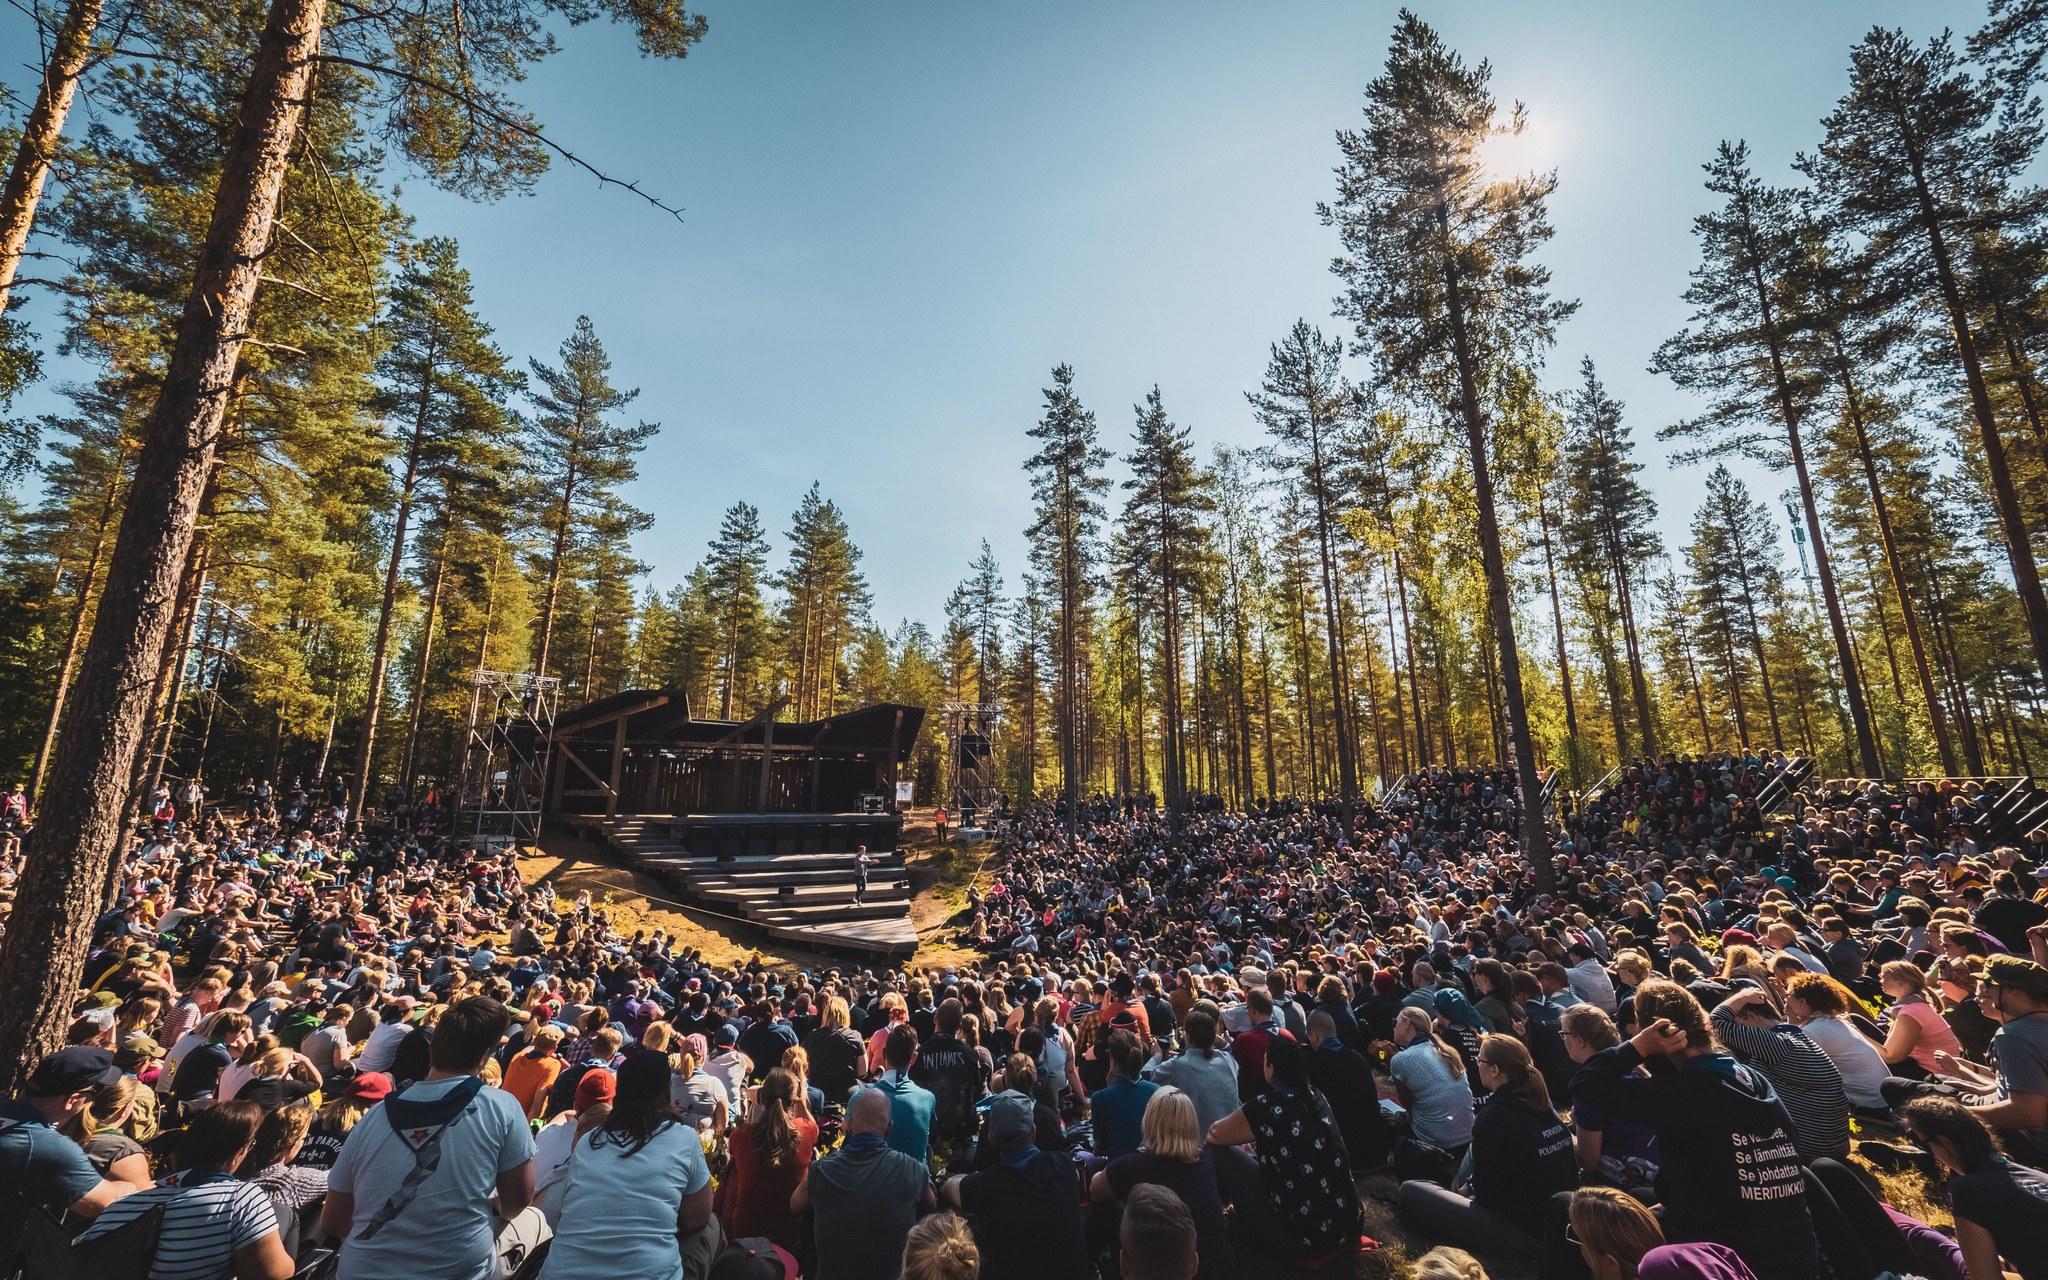 Aurinkoinen metsämaisema, jossa on paljon ihmisiä kuuntelemassa puhujaa Johtajatulien lavalla.